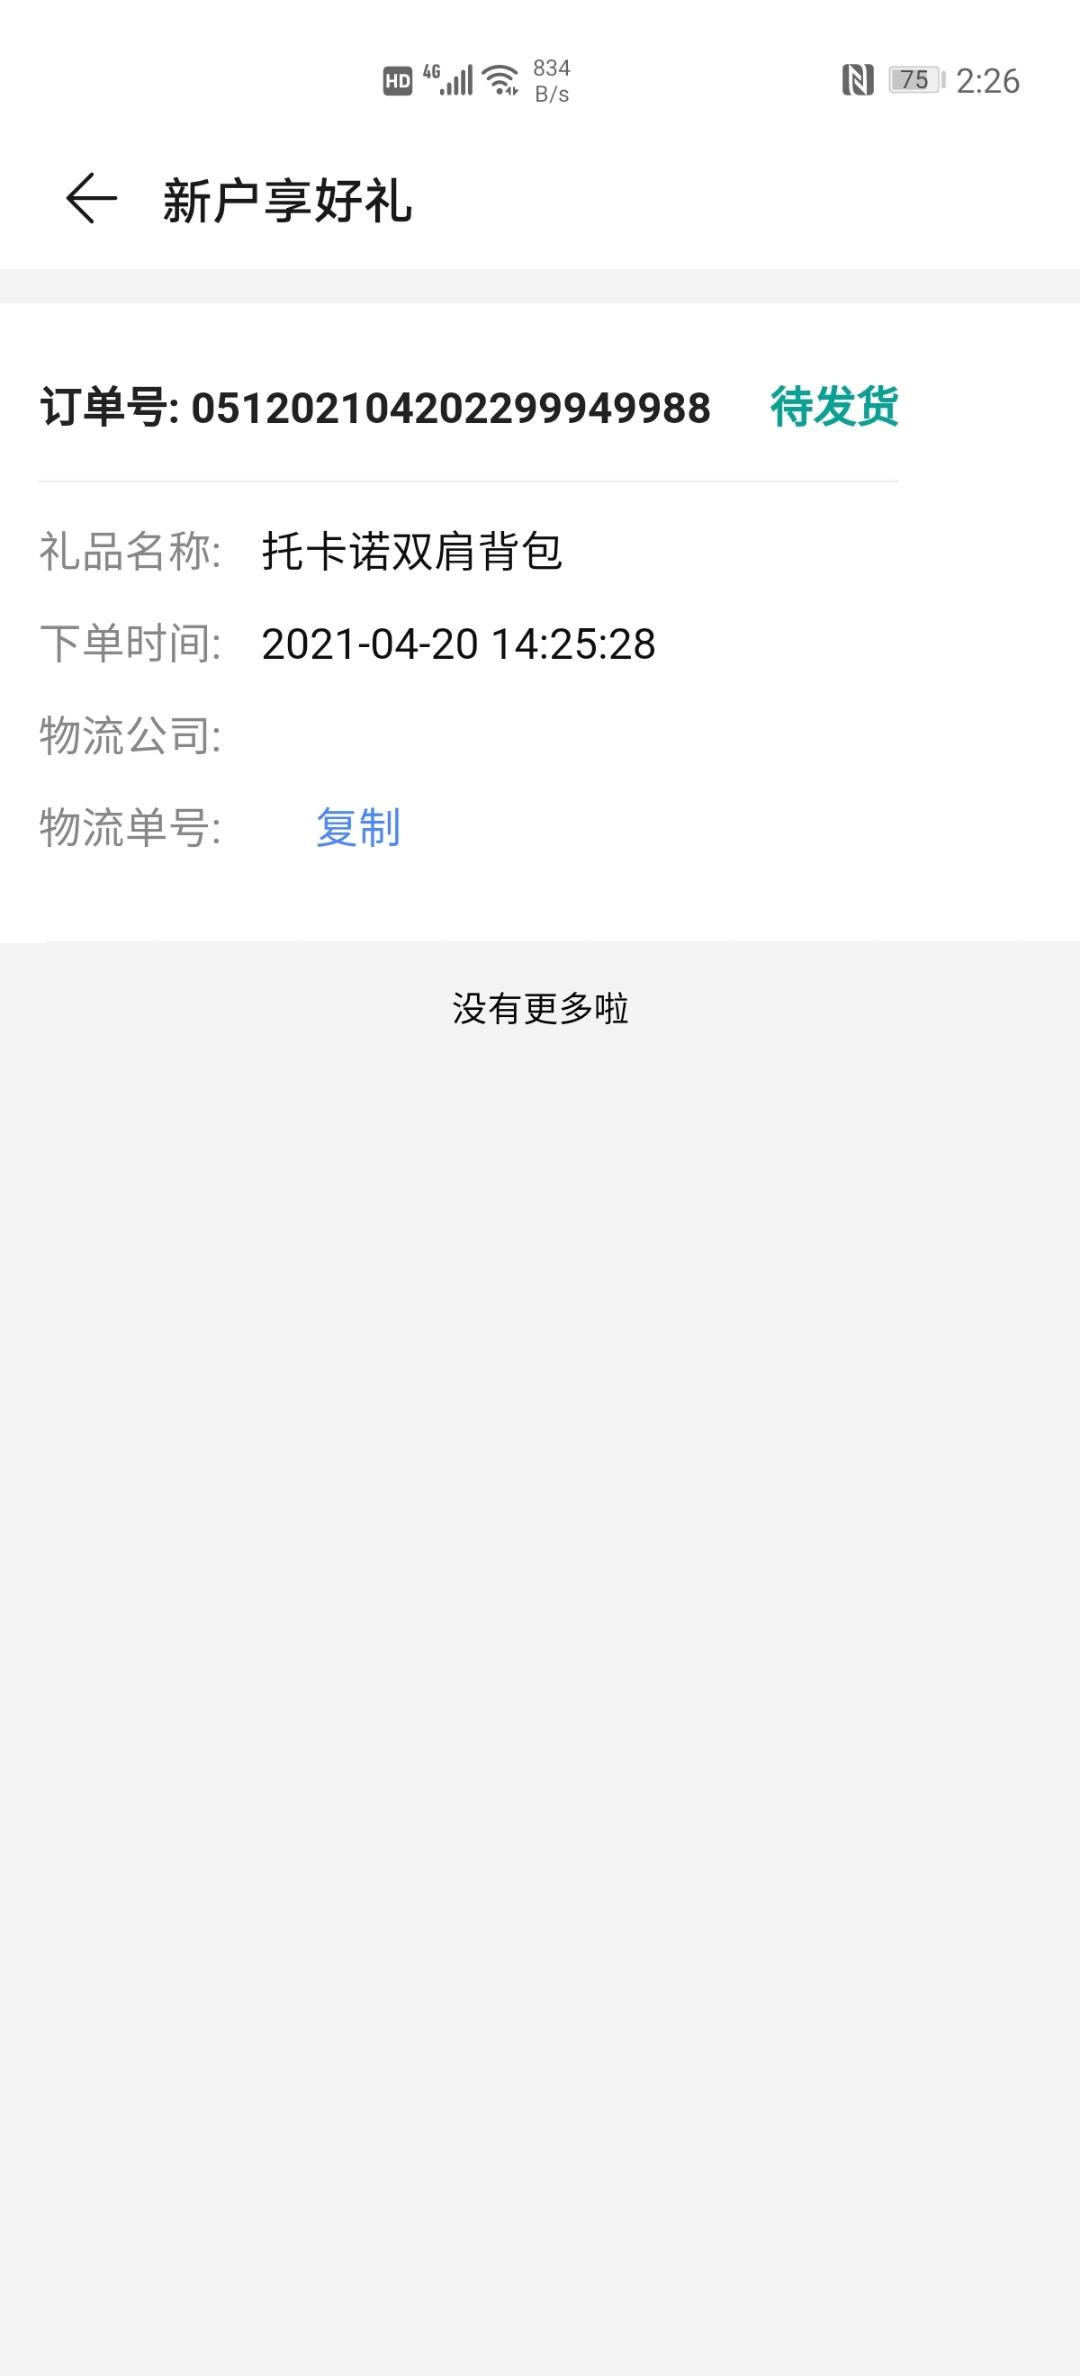 Screenshot_20210420_142600_com.huawei.wallet.jpg